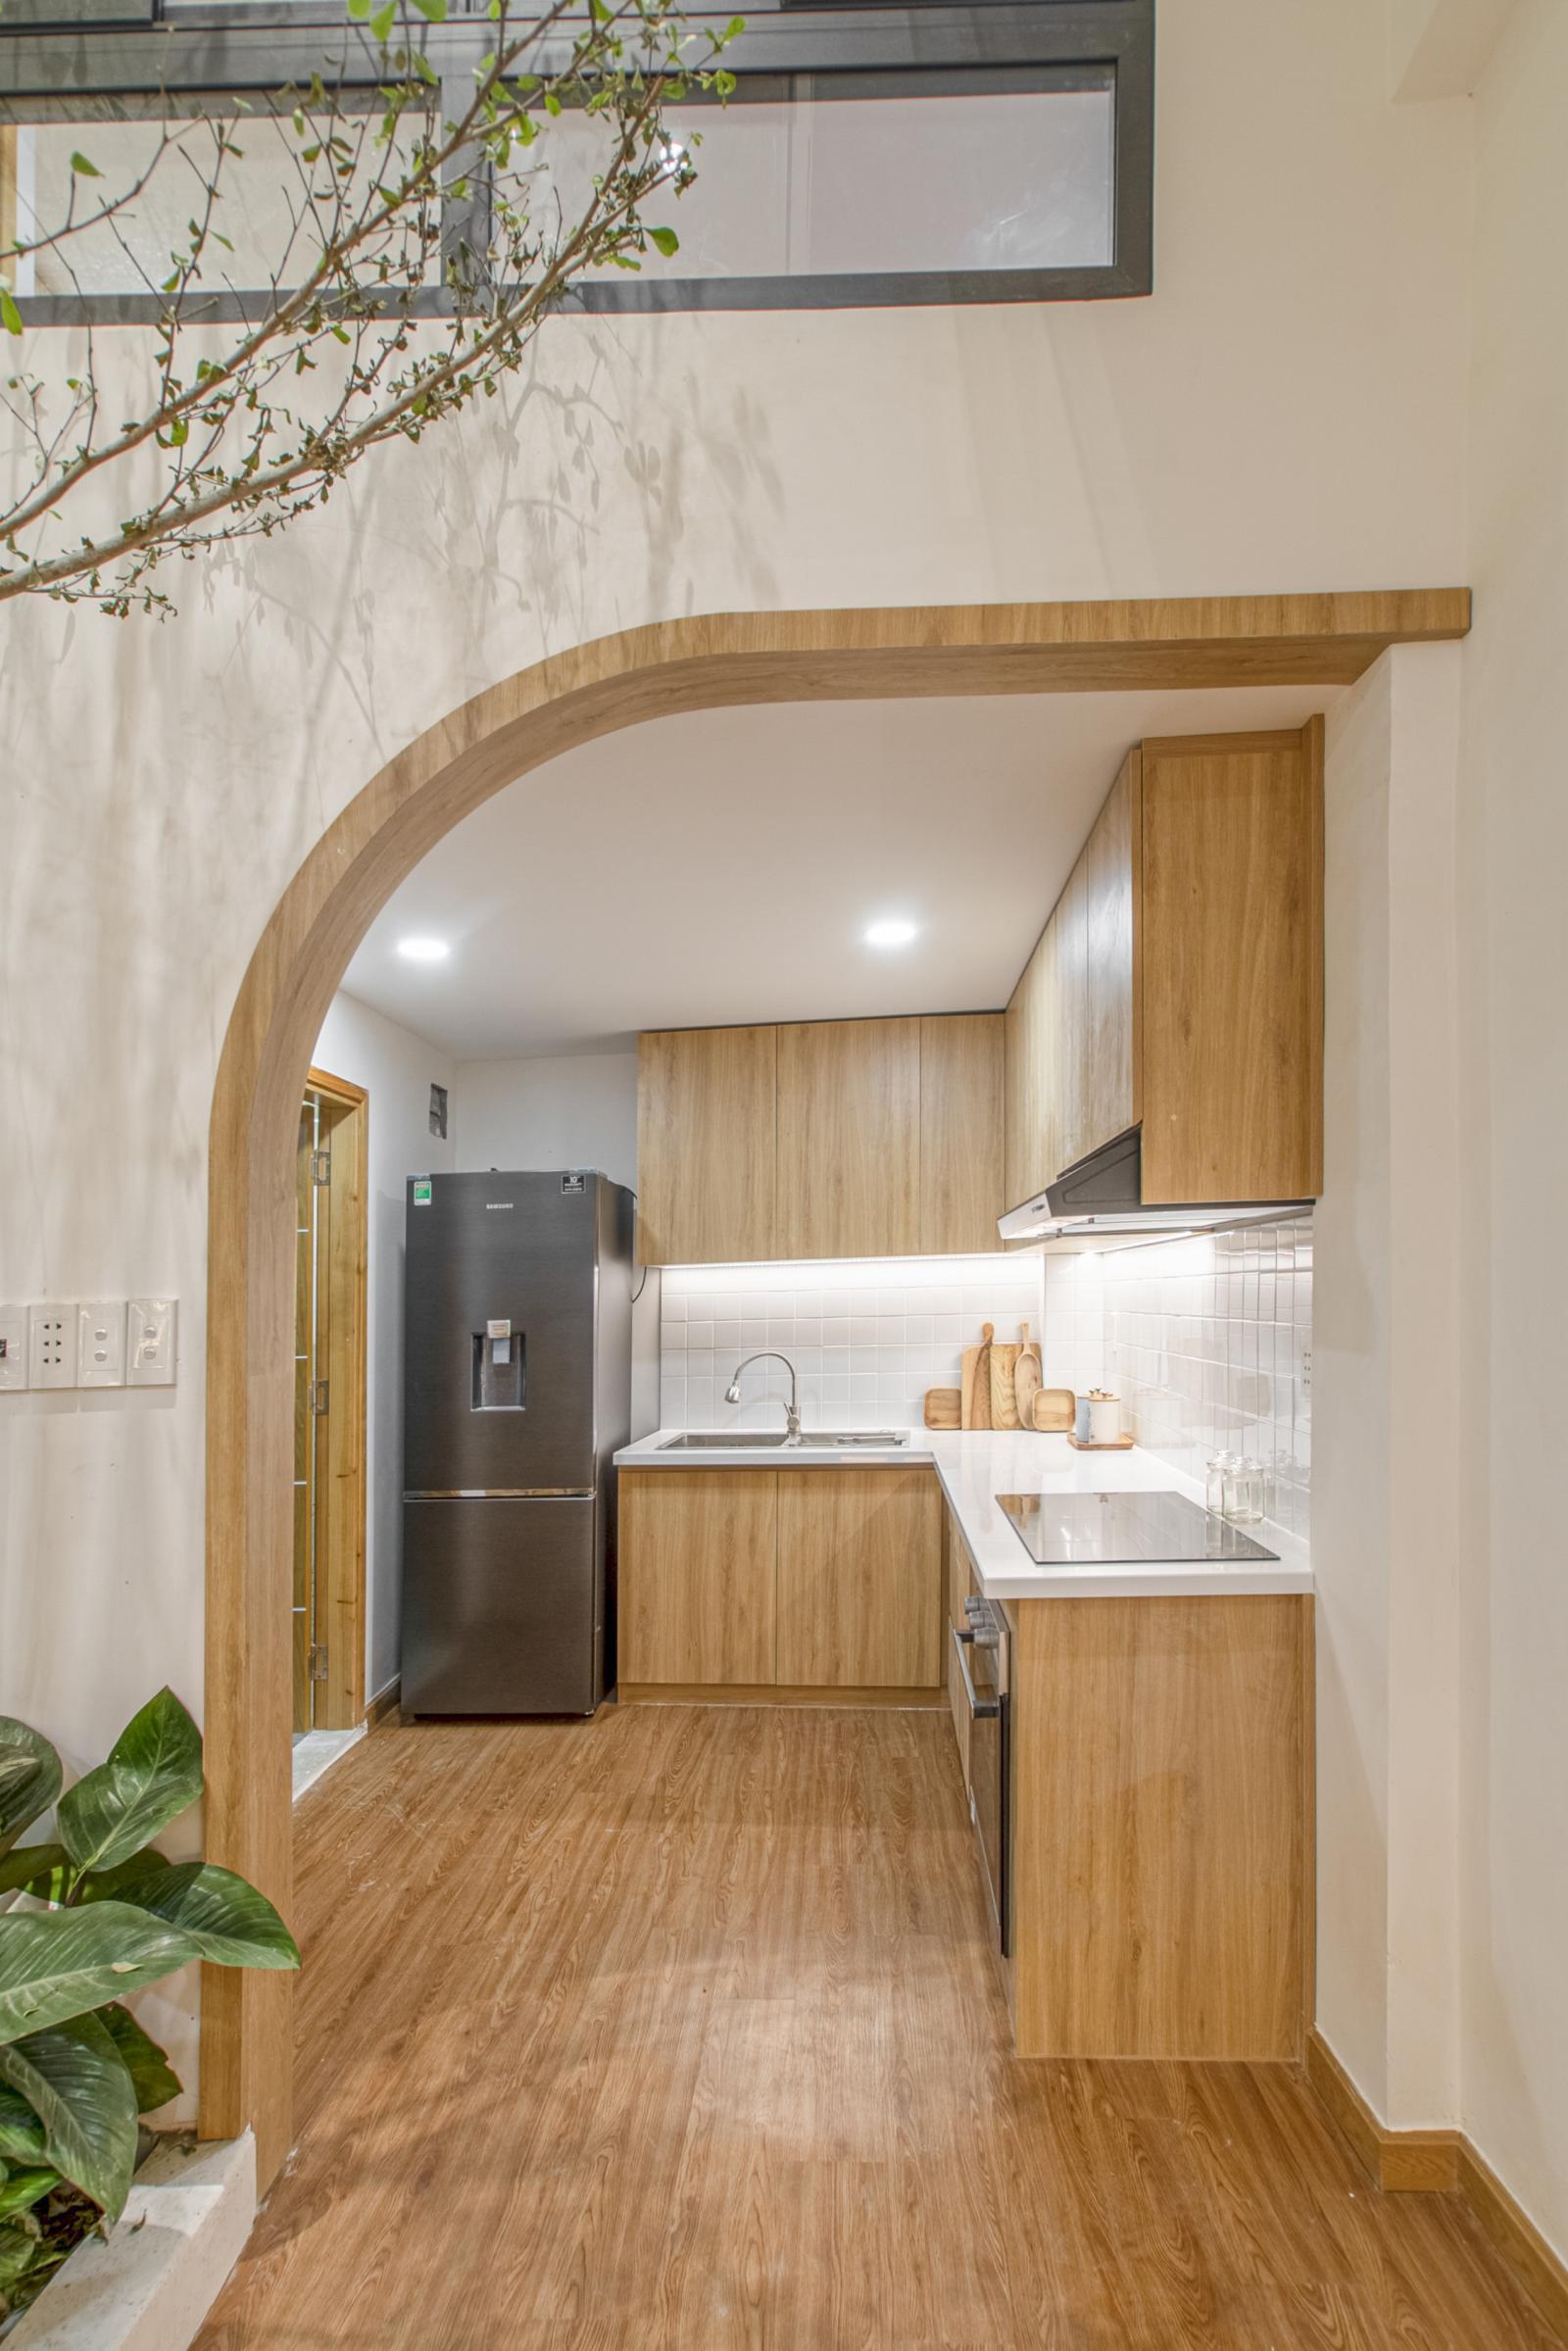 khu bếp với hệ tủ trên, dưới